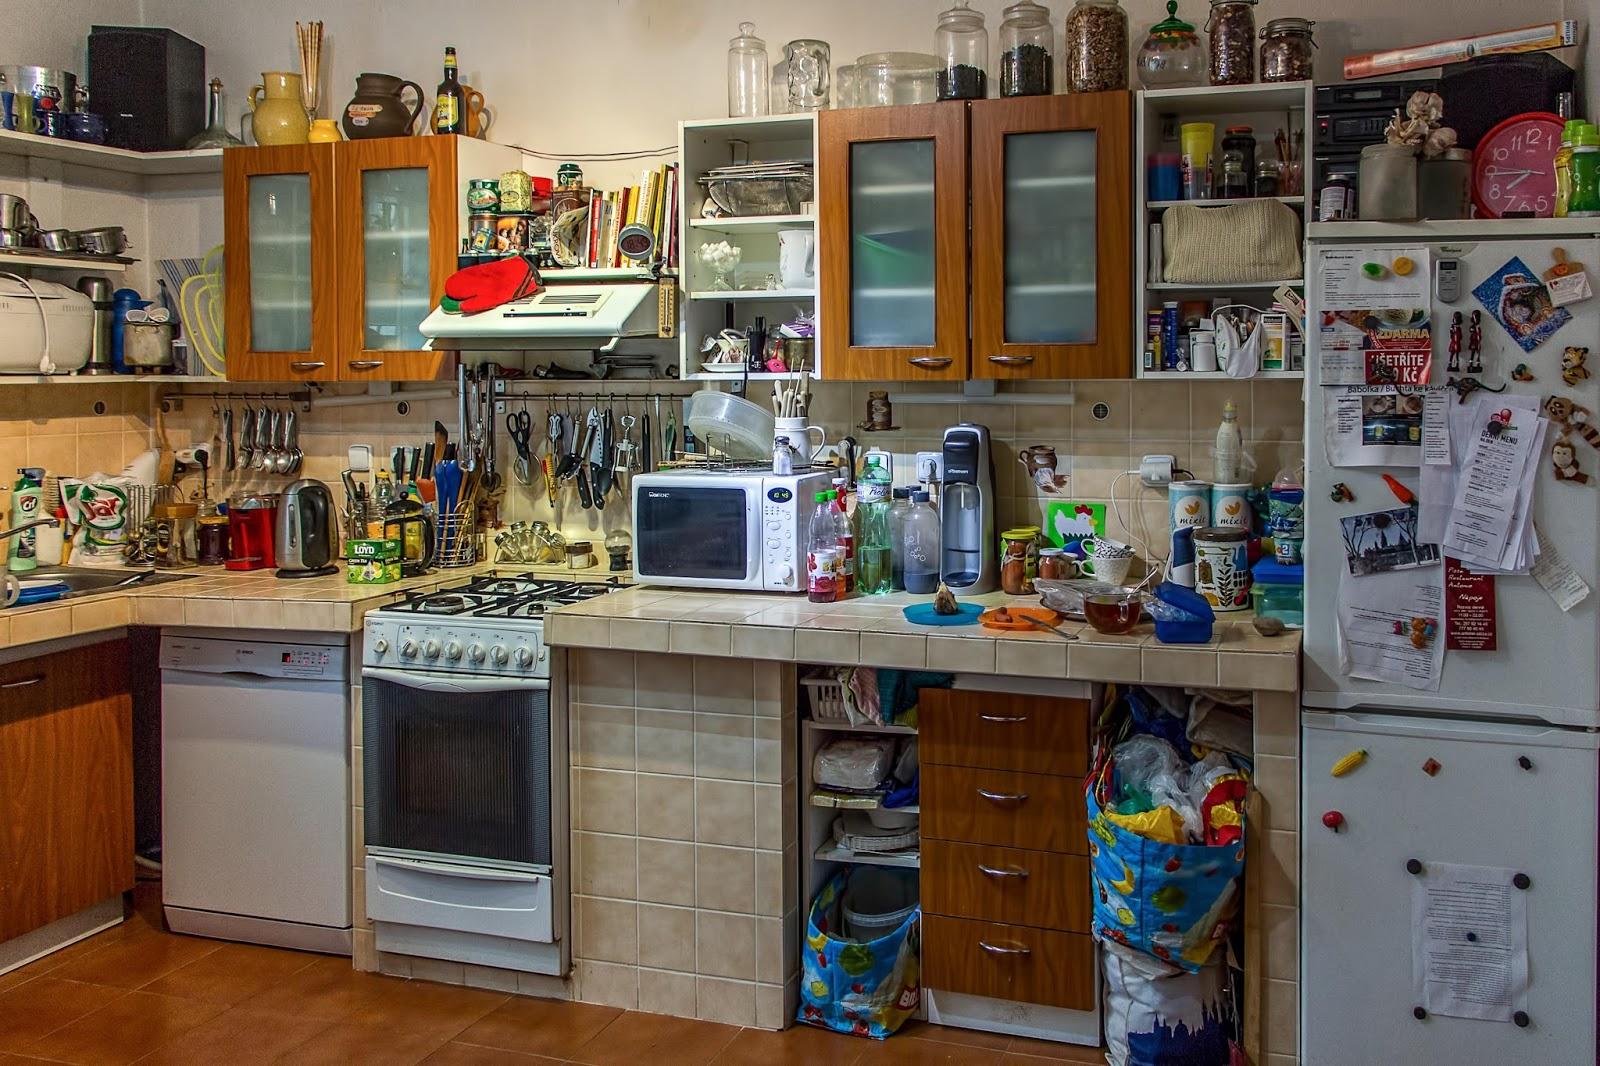 Bila Dapur Anda Sempit Hindari Peletn Atau Pengumn Alat Masak Yang Besar Dan Jarang Digunakan Karena Berpotensi Membuat Ruangan Terasa Penuh